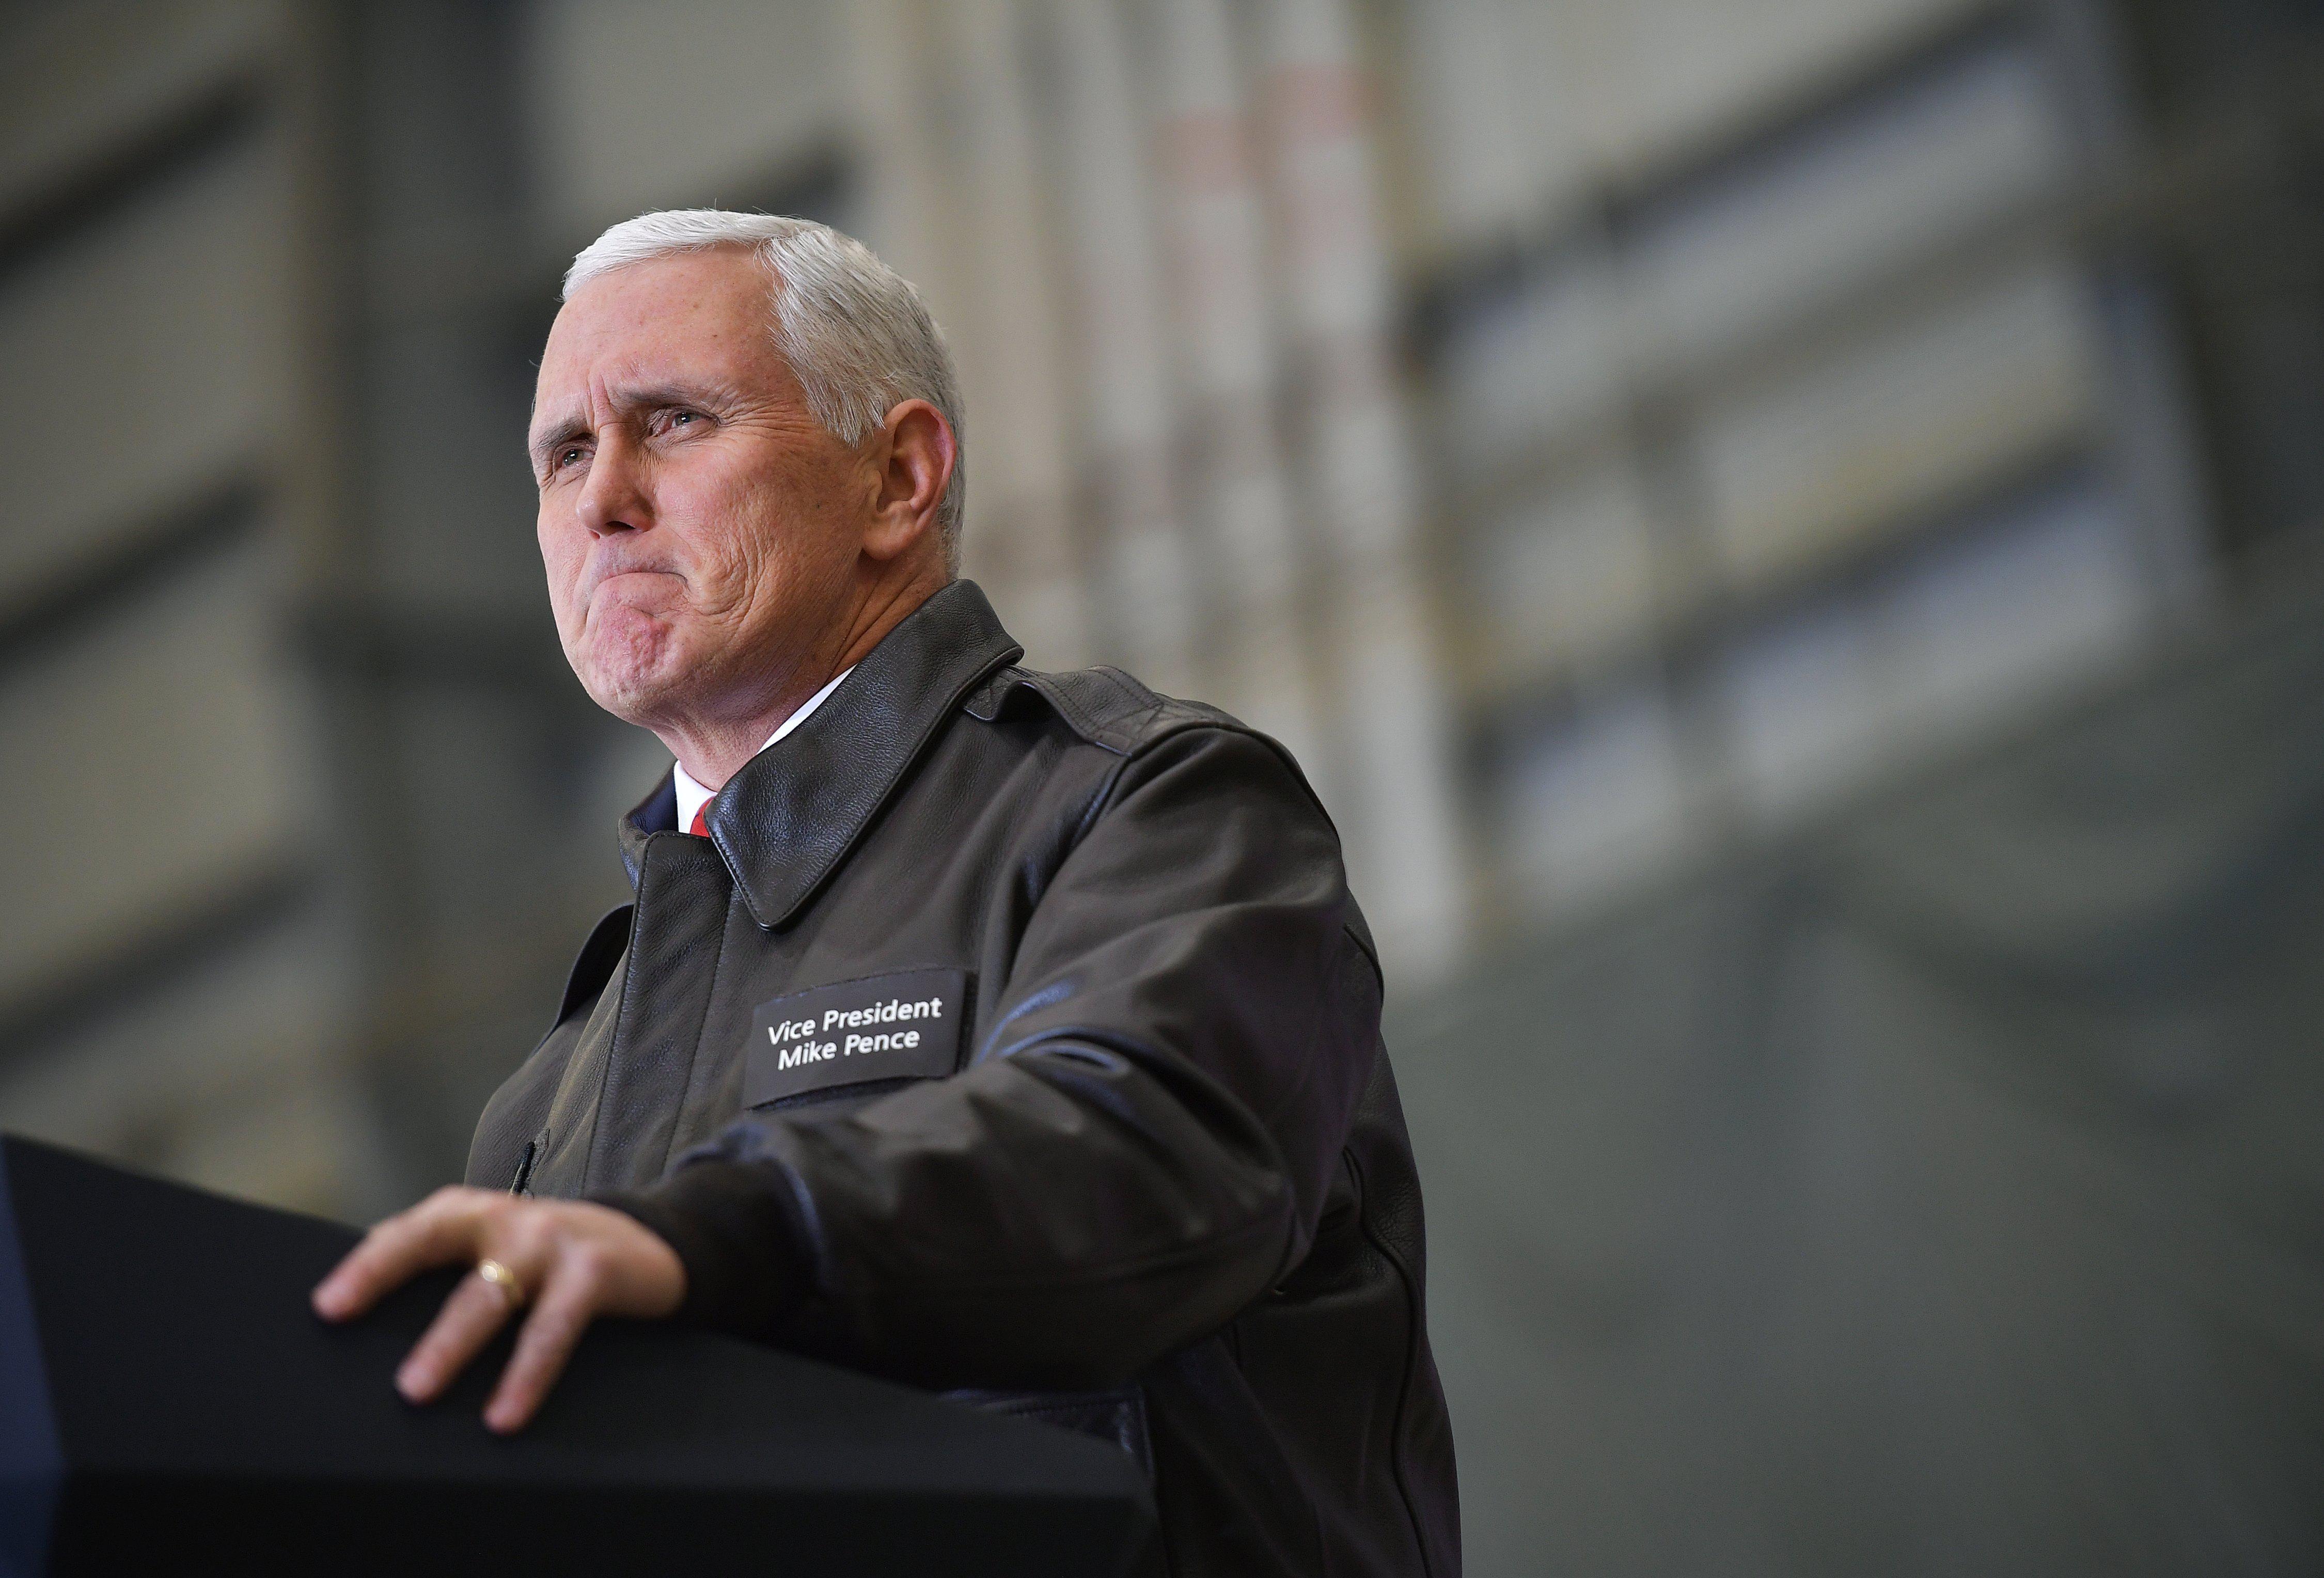 Vice President Mike Pence speaks to troops in a hangar at Bagram Air Field in Afghanistan on December 21, 2017.